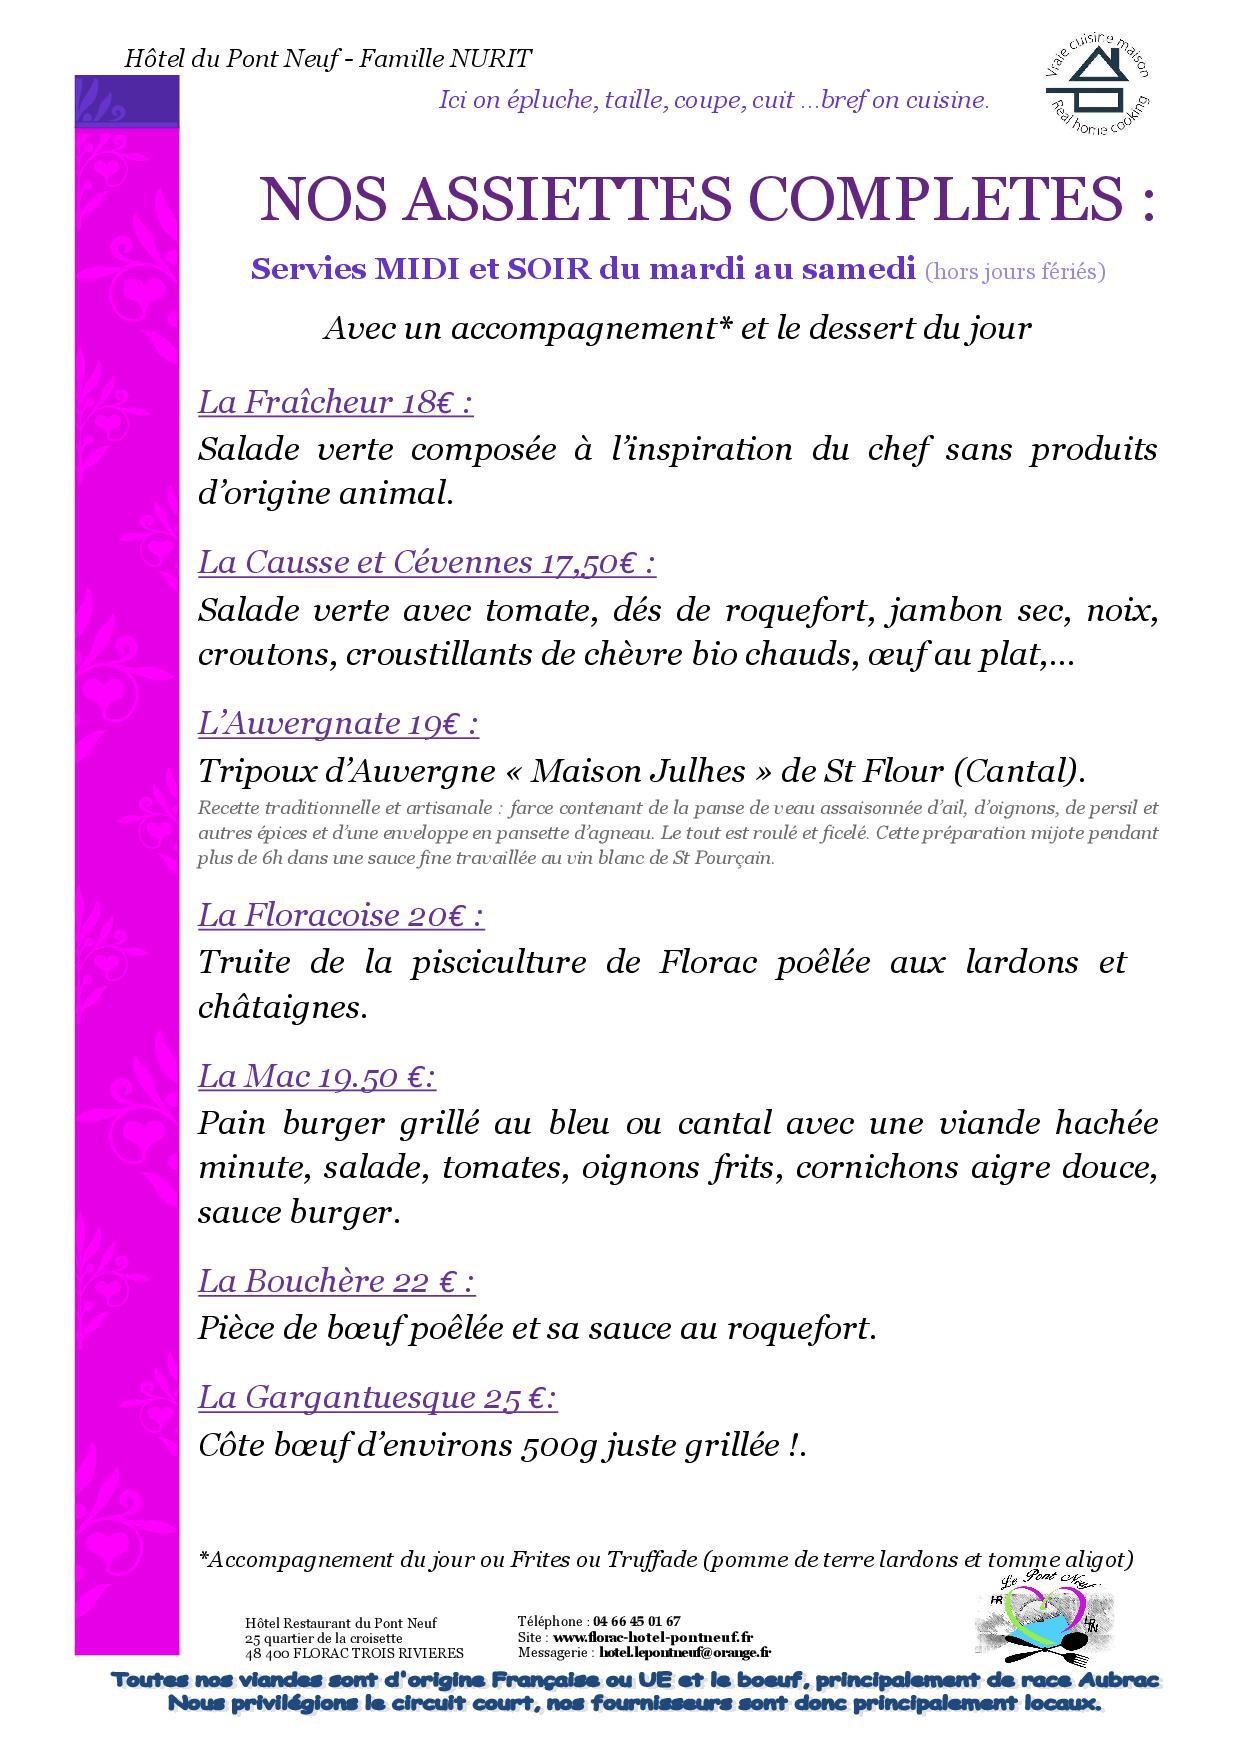 A4 - 4 PAGES - MENUS 20203